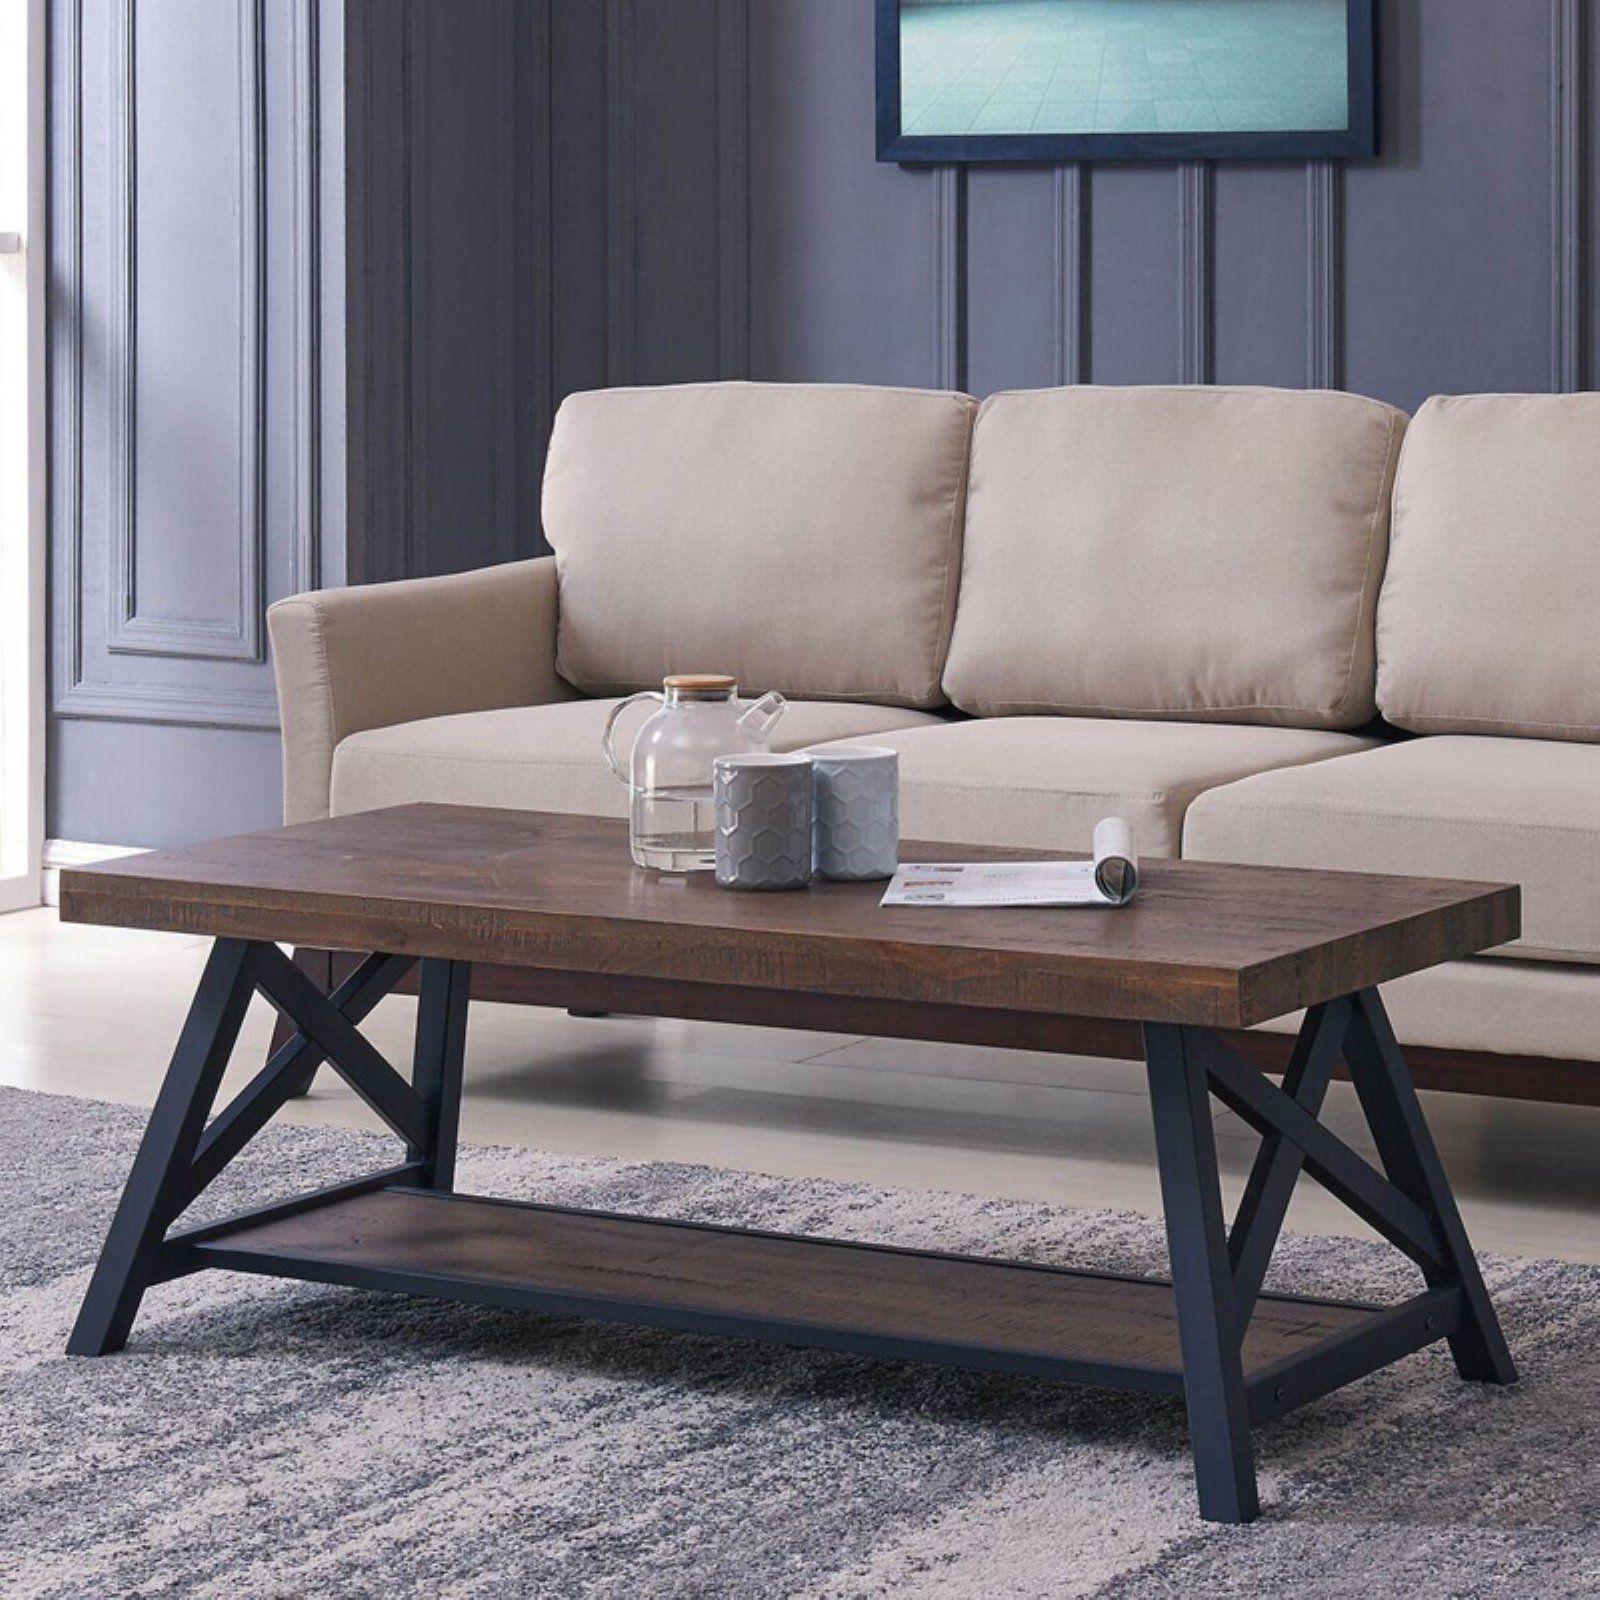 Nspire Rustic Modern 2 Tier Pine Veneer And Metal Coffee Table Coffee Table Metal Coffee Table Rectangular Coffee Table [ 1600 x 1600 Pixel ]